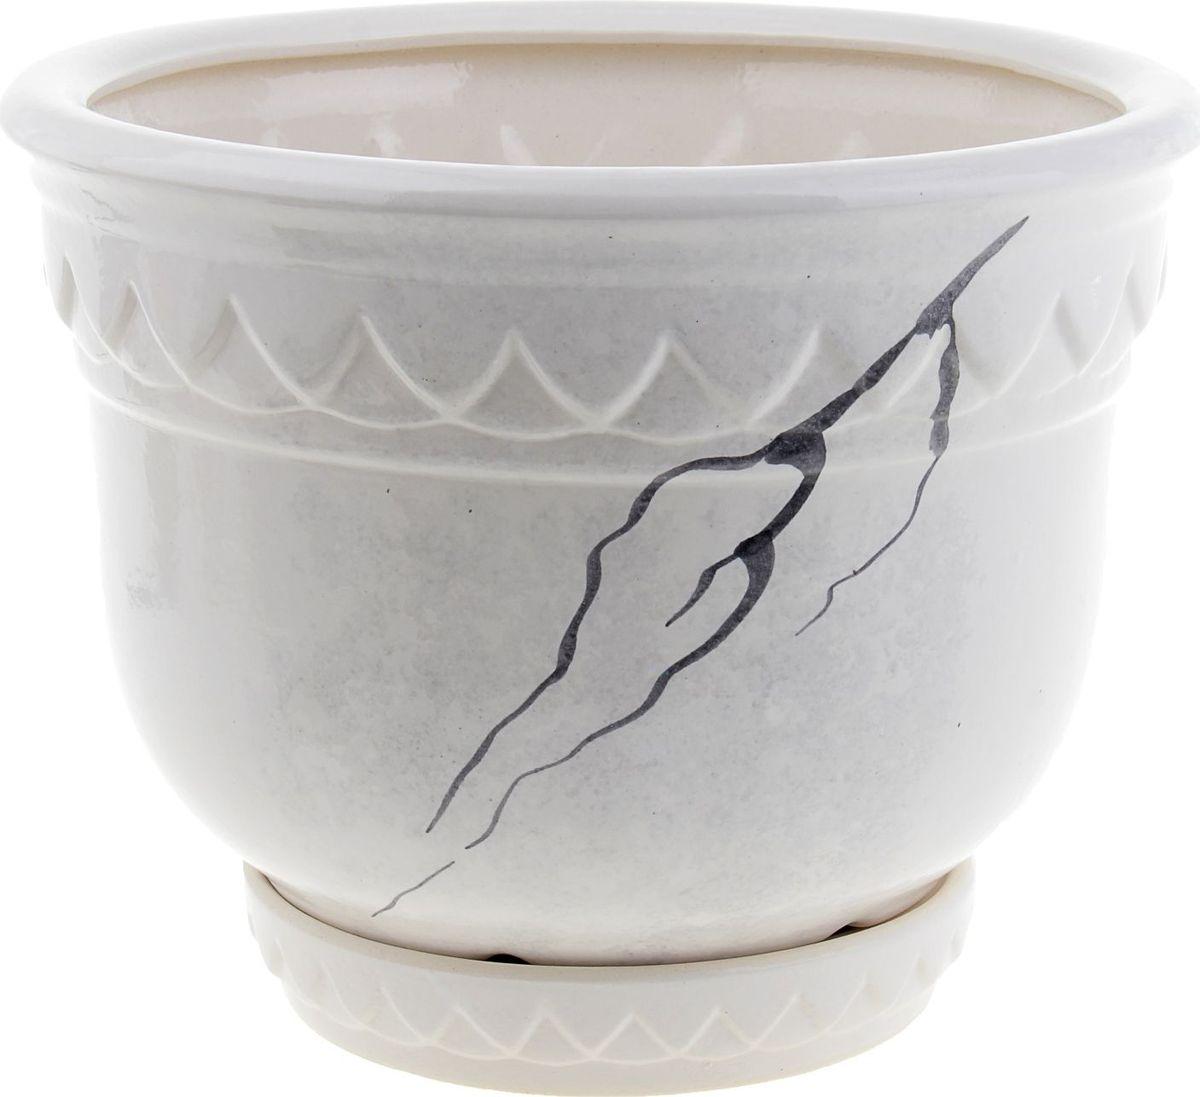 Кашпо Бриз, цвет: белый, 4 л840473Комнатные растения — всеобщие любимцы. Они радуют глаз, насыщают помещение кислородом и украшают пространство. Каждому из них необходим свой удобный и красивый дом. Кашпо из керамики прекрасно подходят для высадки растений: за счёт пластичности глины и разных способов обработки существует великое множество форм и дизайновпористый материал позволяет испаряться лишней влагевоздух, необходимый для дыхания корней, проникает сквозь керамические стенки! #name# позаботится о зелёном питомце, освежит интерьер и подчеркнёт его стиль.